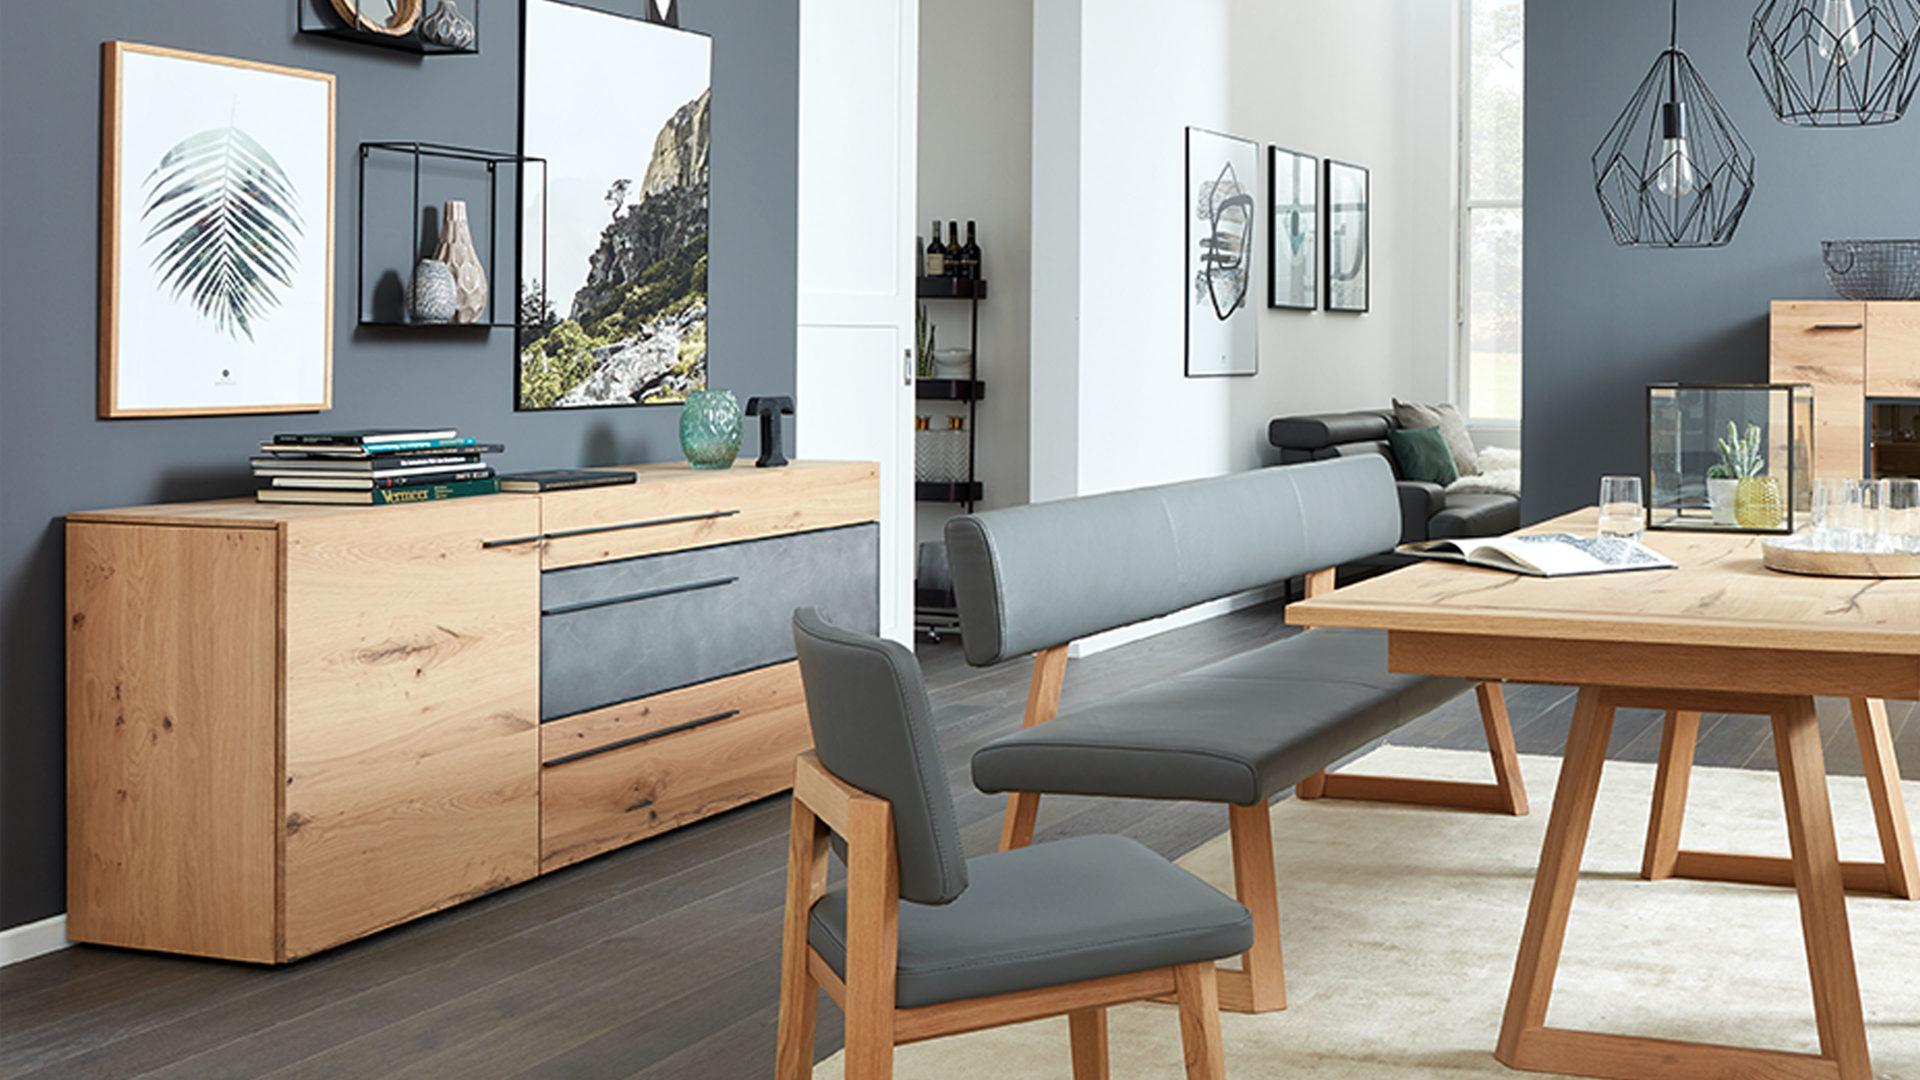 Interliving Wohnzimmer Serie 2004 Sideboard Wildeiche Beton Eine